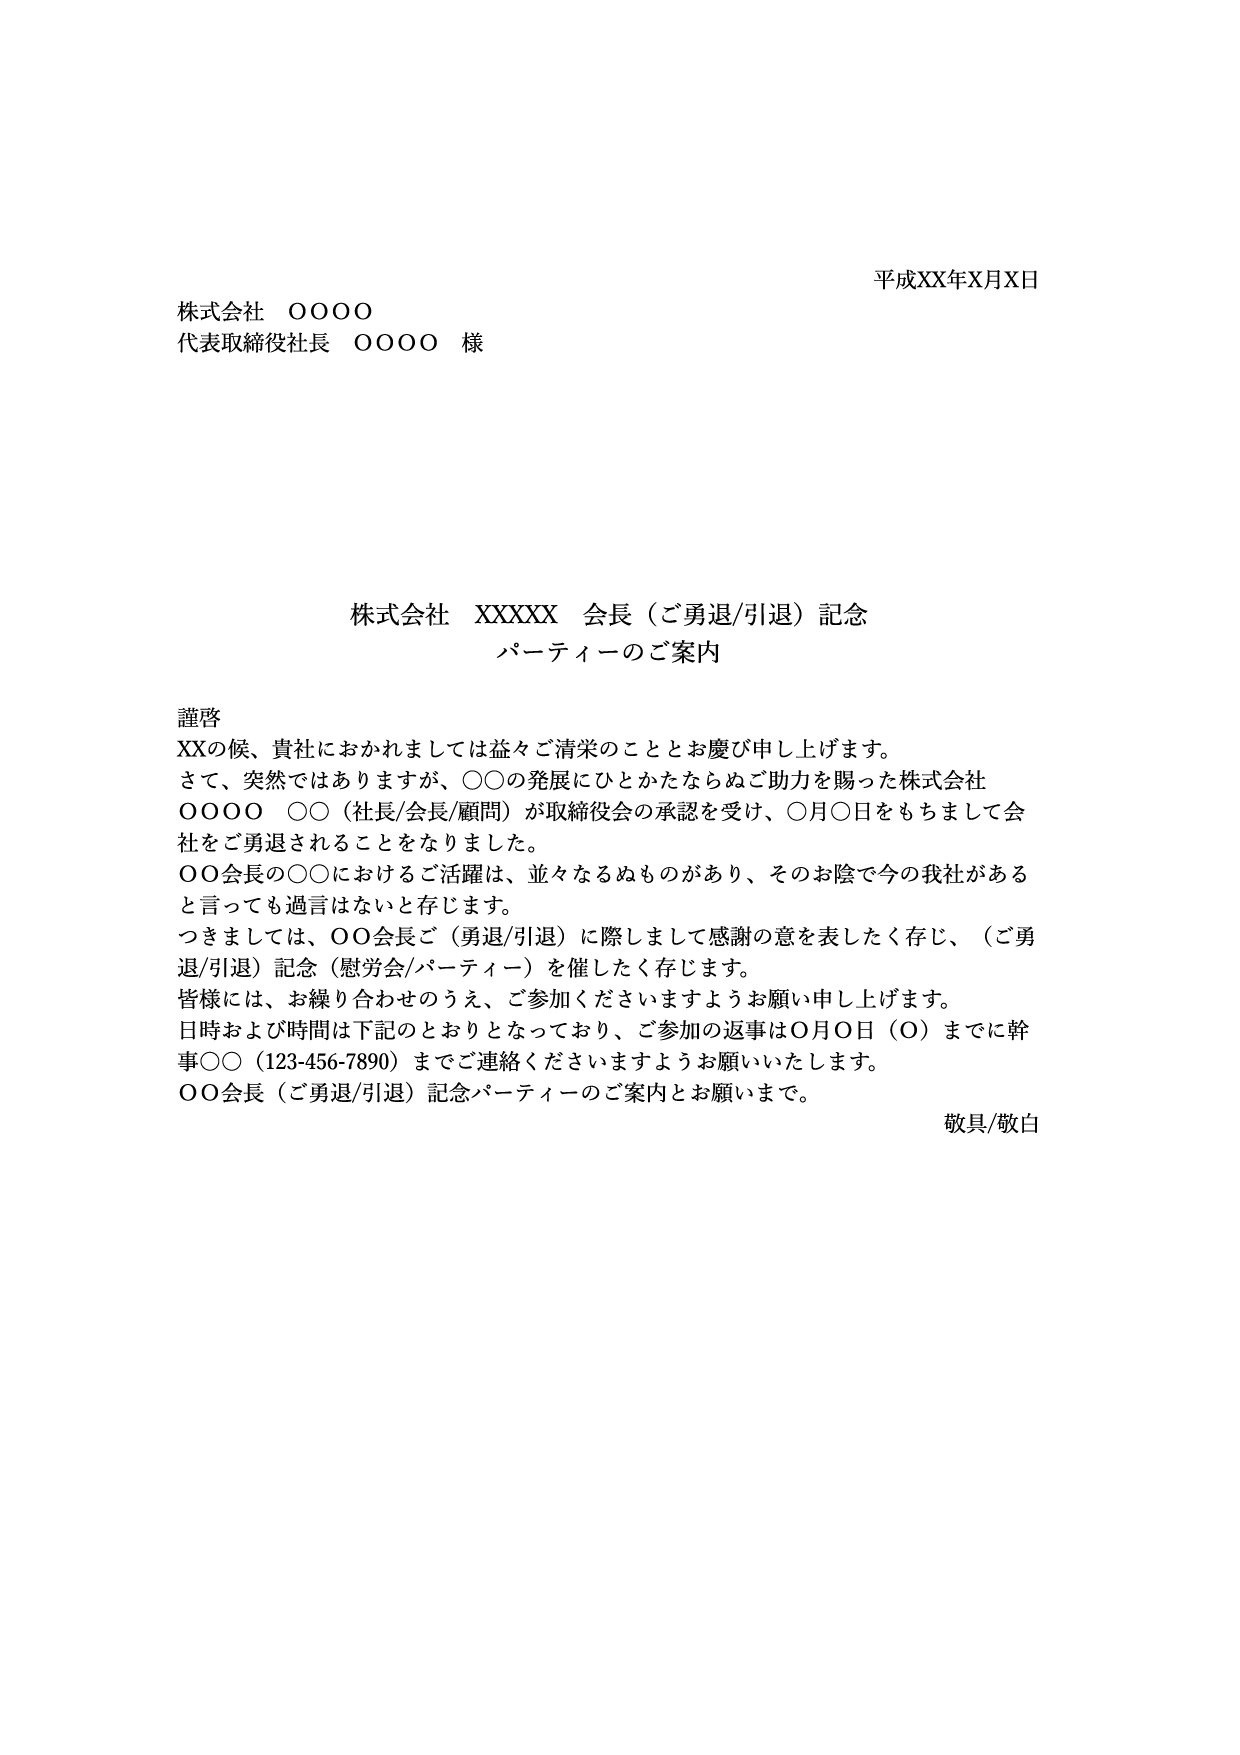 案内状テンプレート_慰労会(ワード・ページズ)